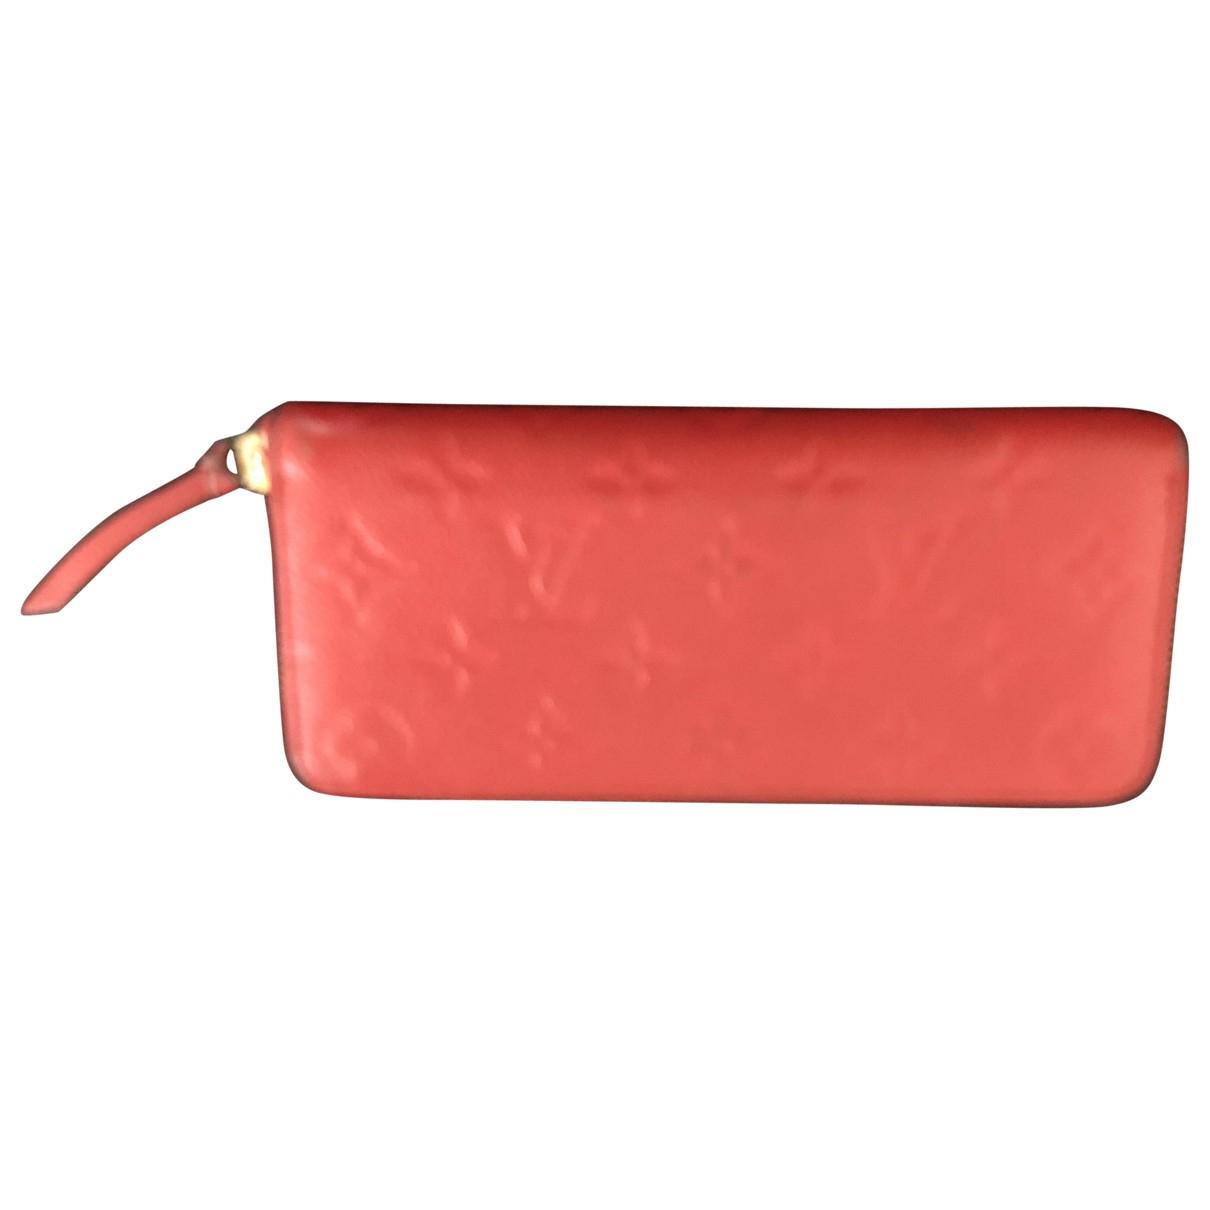 Louis Vuitton - Portefeuille Clemence pour femme en cuir - rouge